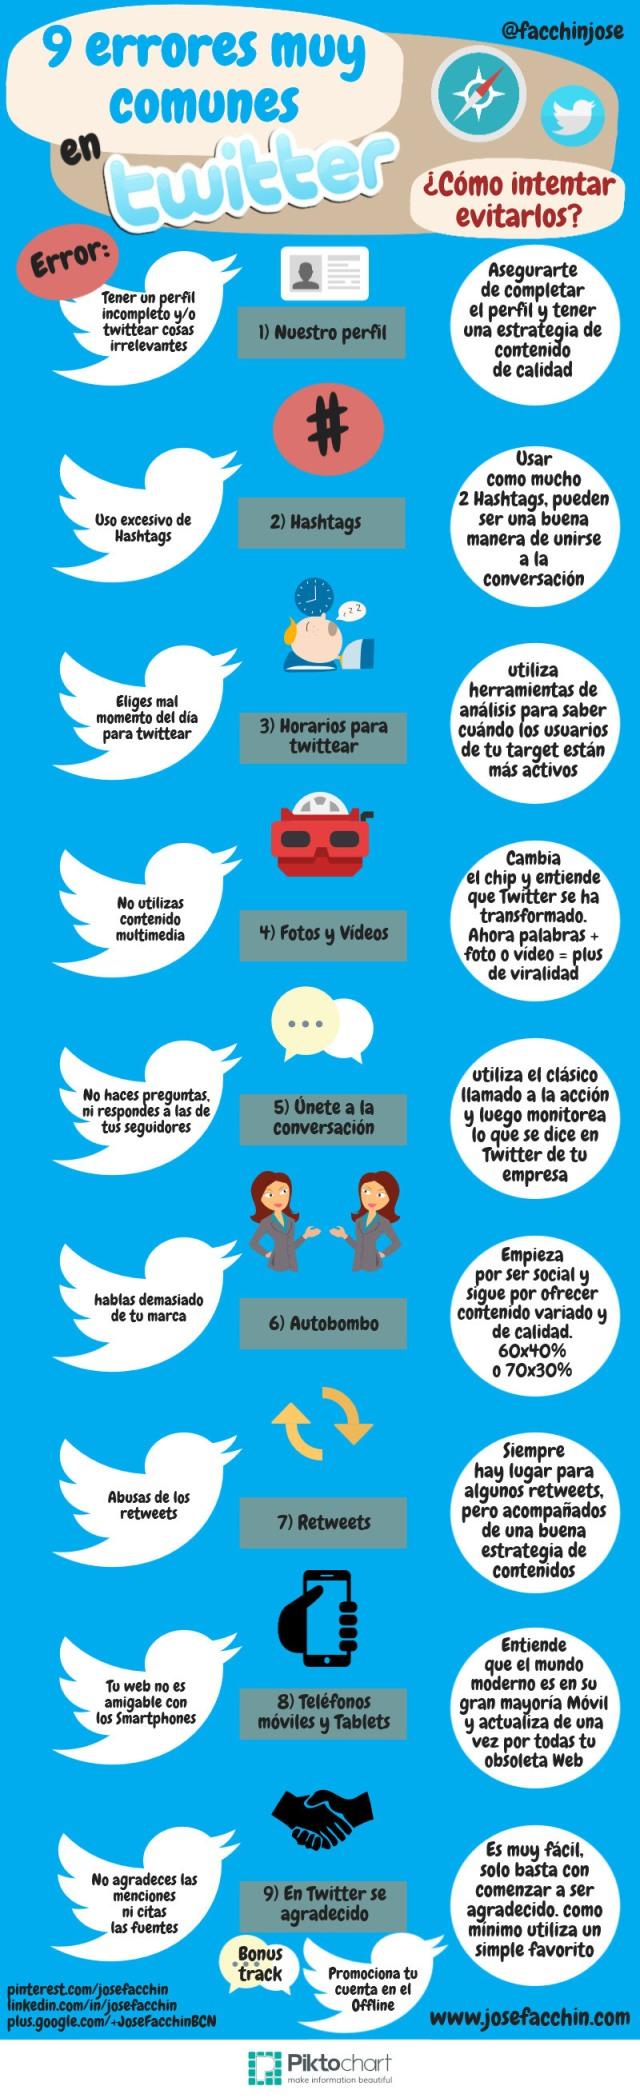 9 errores muy comunes en Twitter y cómo evitarlos